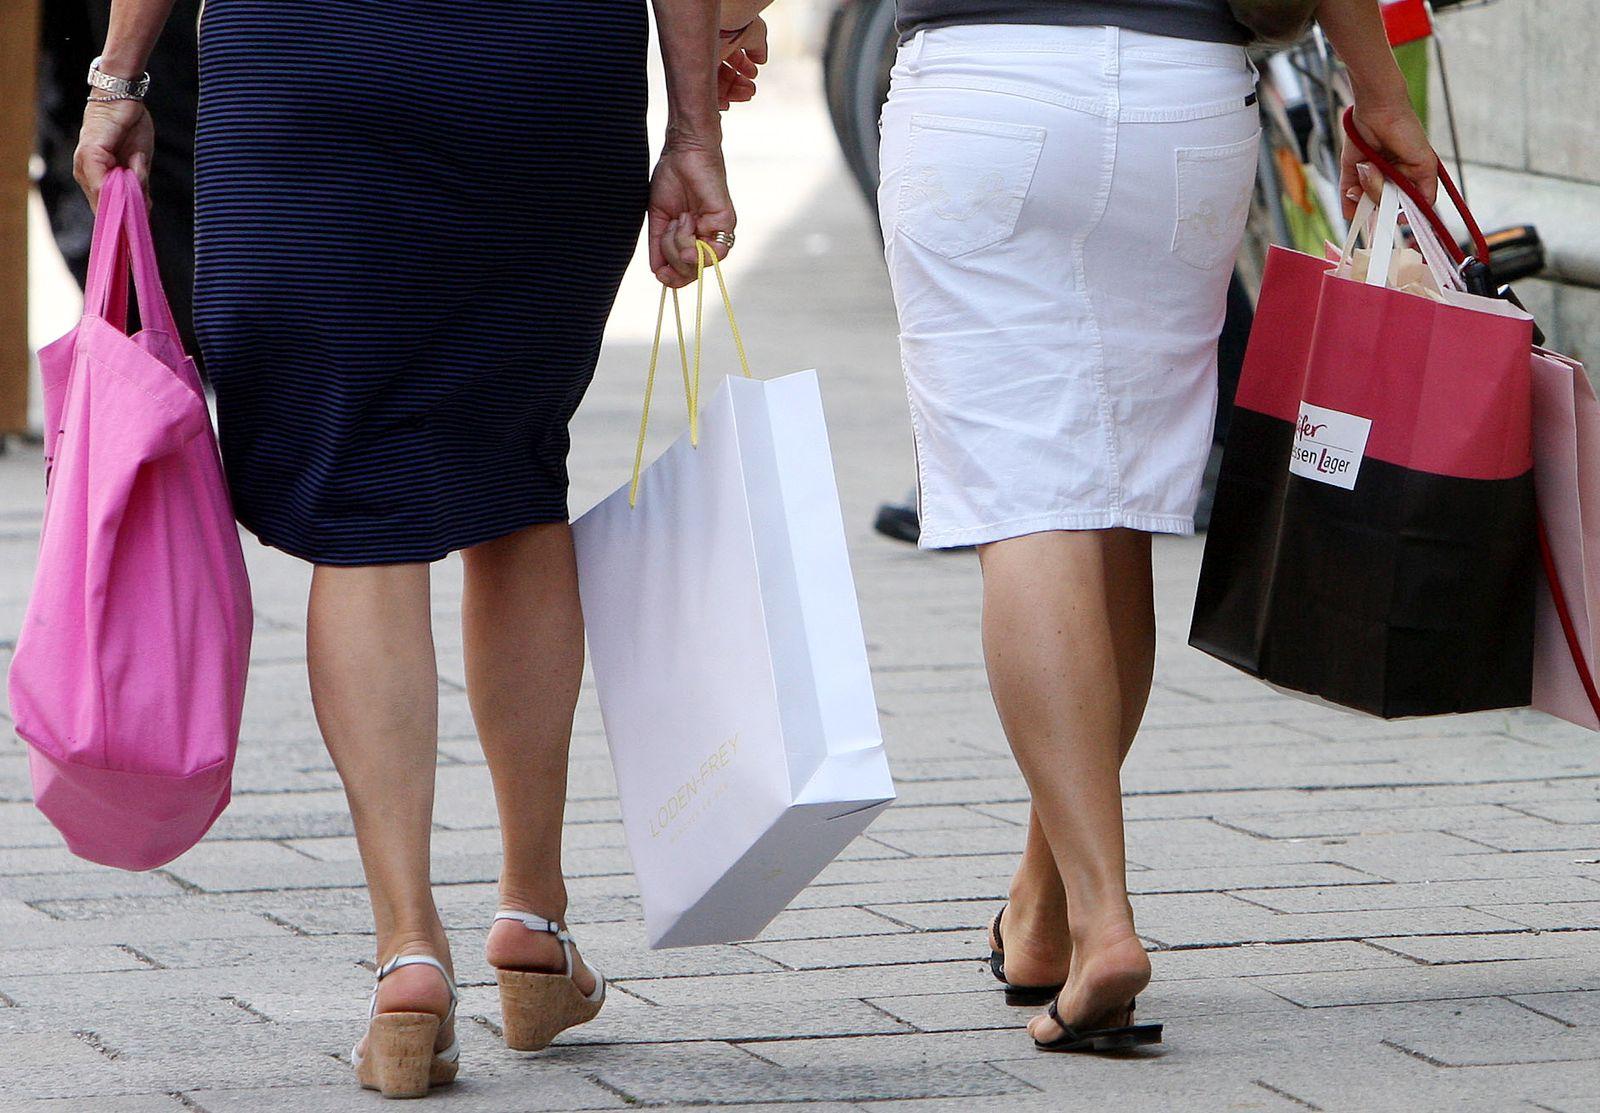 NICHT VERWENDEN Einkaufstüten / Konjunktur / Konsum